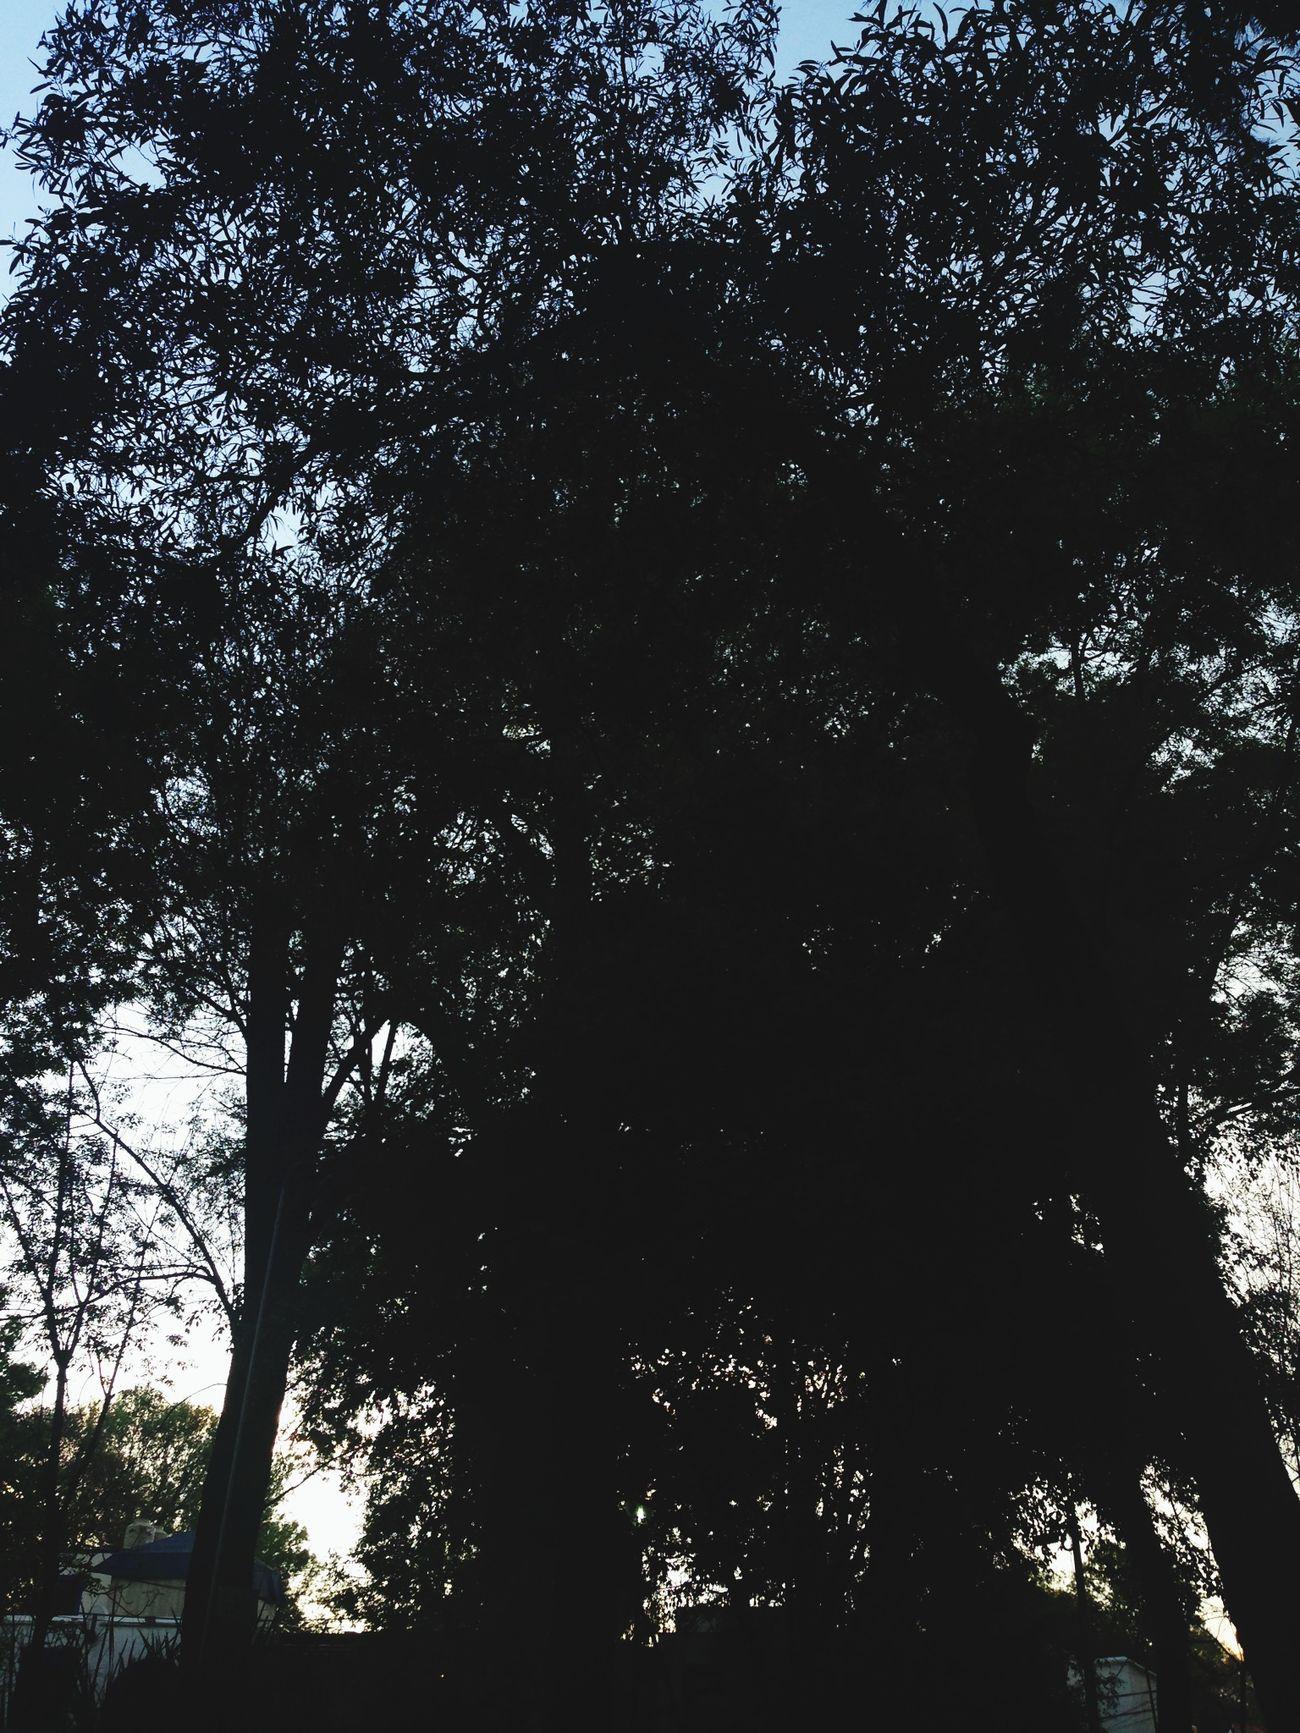 Los árboles; ¡cosa mas maravillosa! Y tan poderosa.